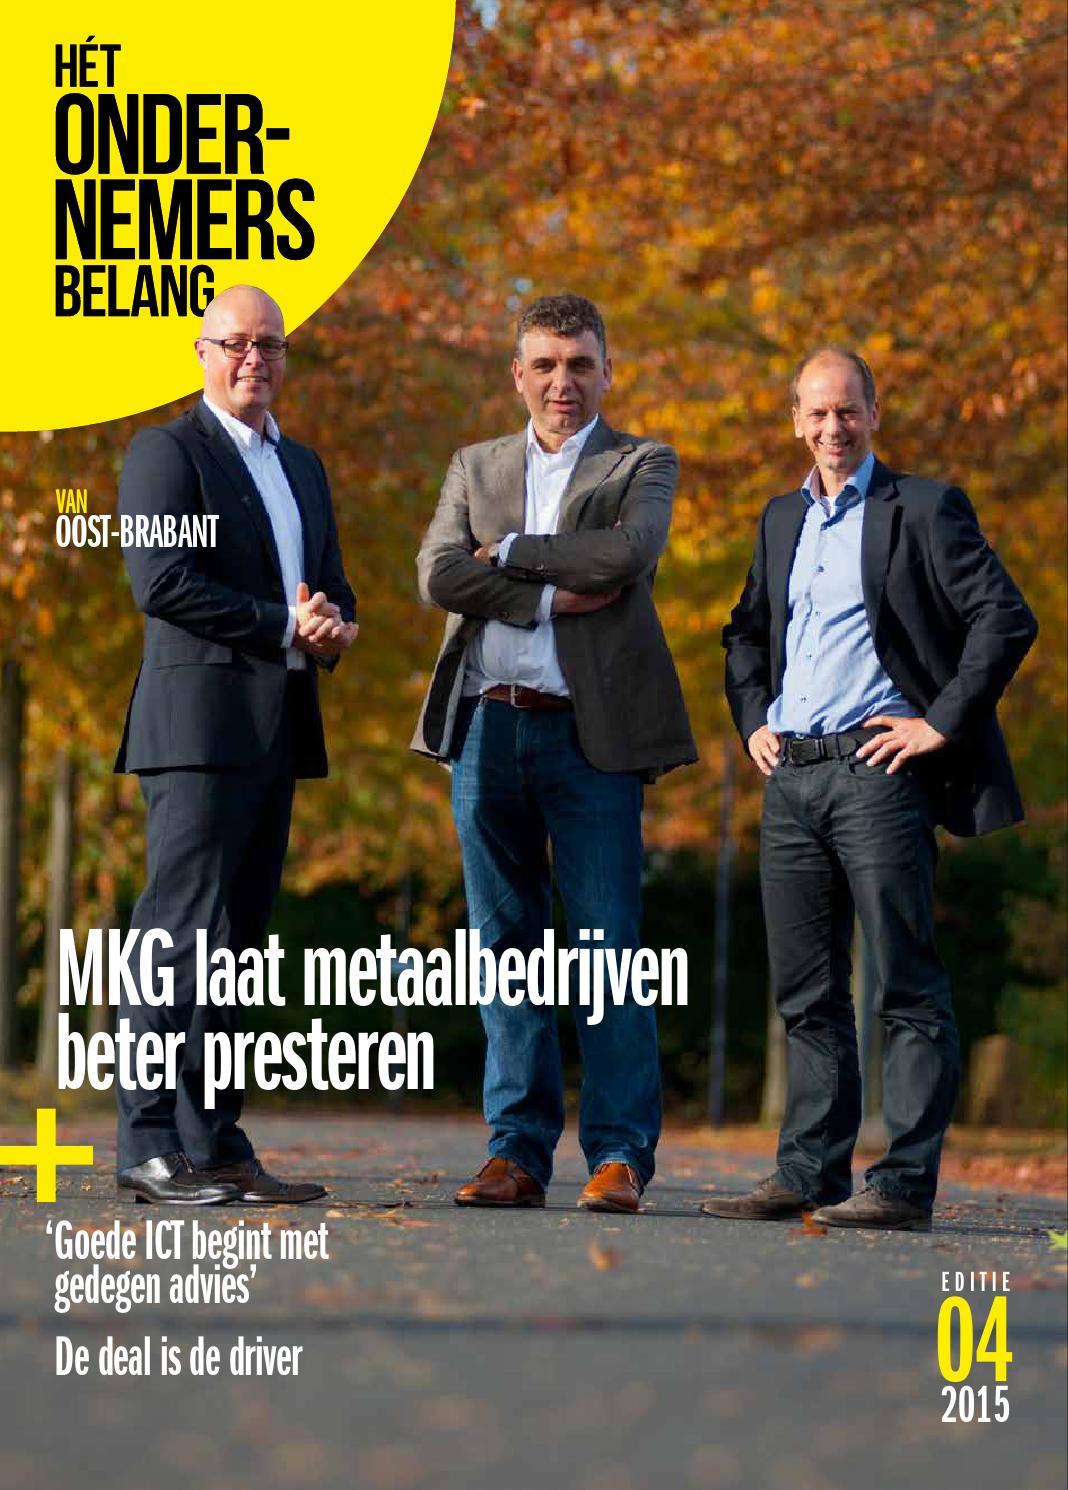 Het Ondernemersbelang Eindhoven 4-2015 by Uitgeverij Novema - issuu